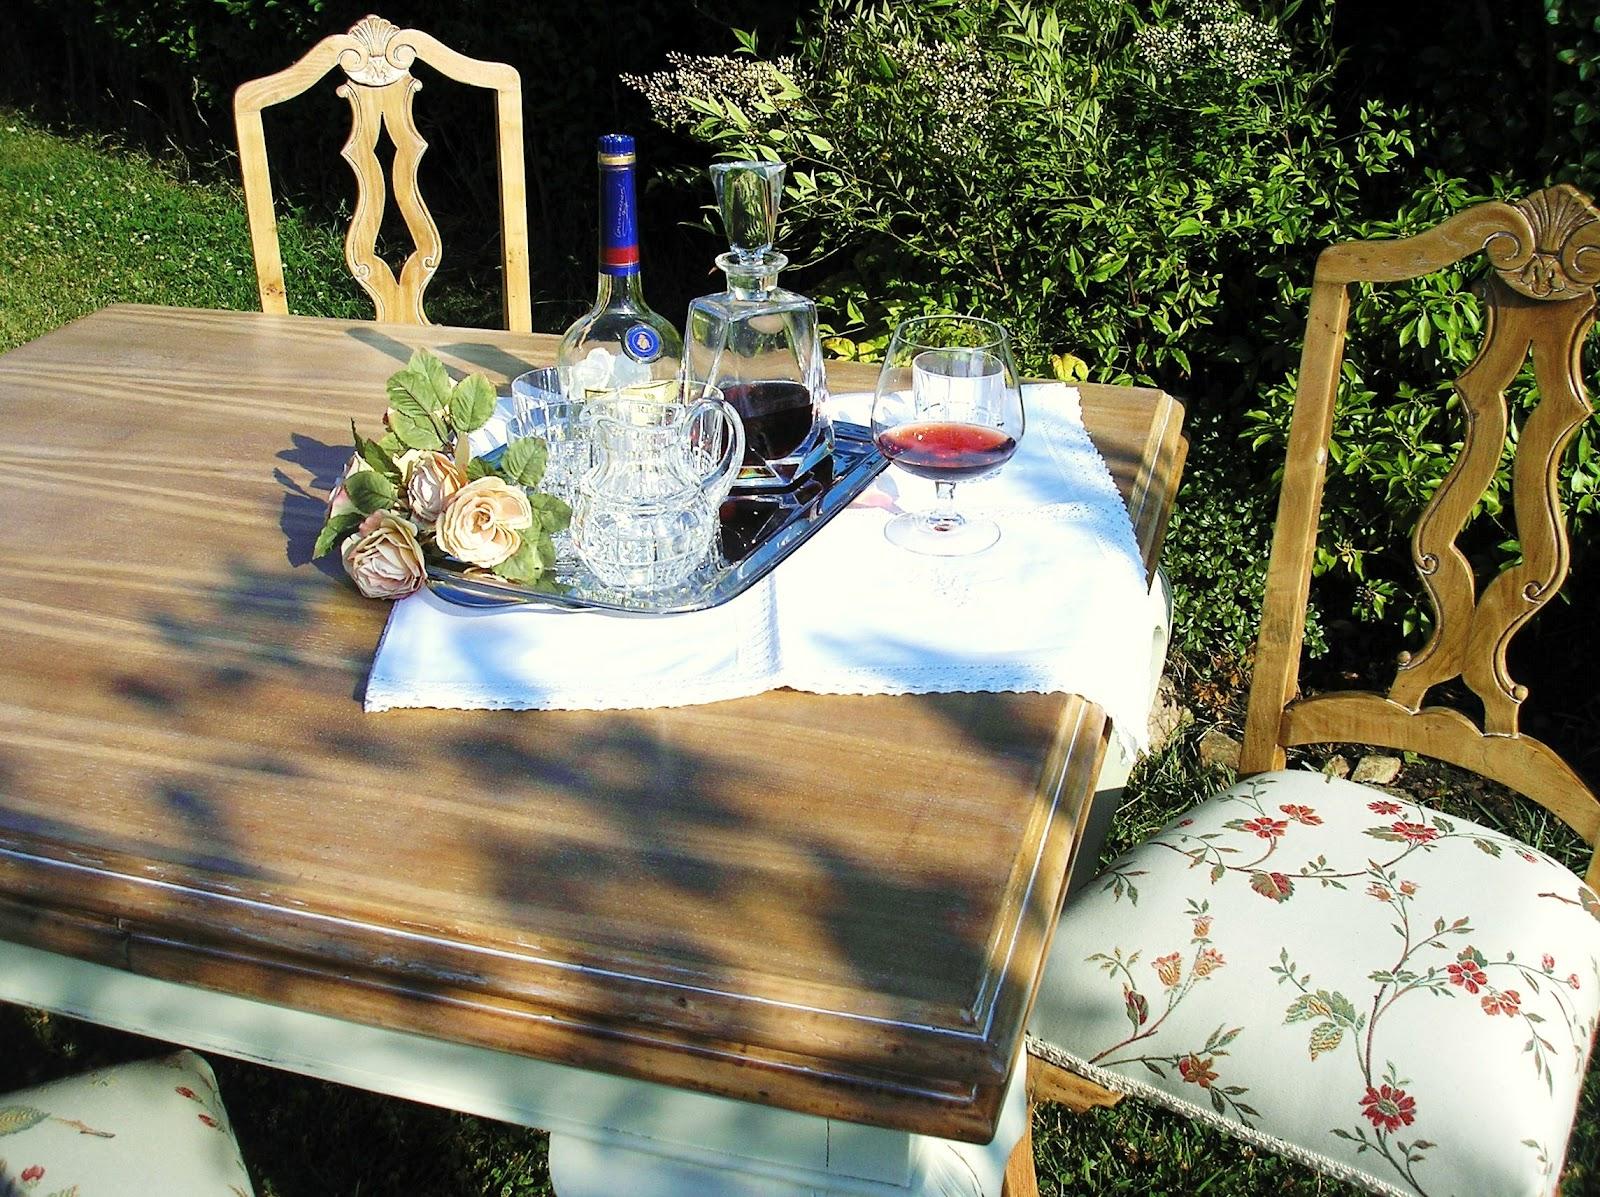 El desvan de mamen mesa de comedor shabby - Muebles el desvan ...